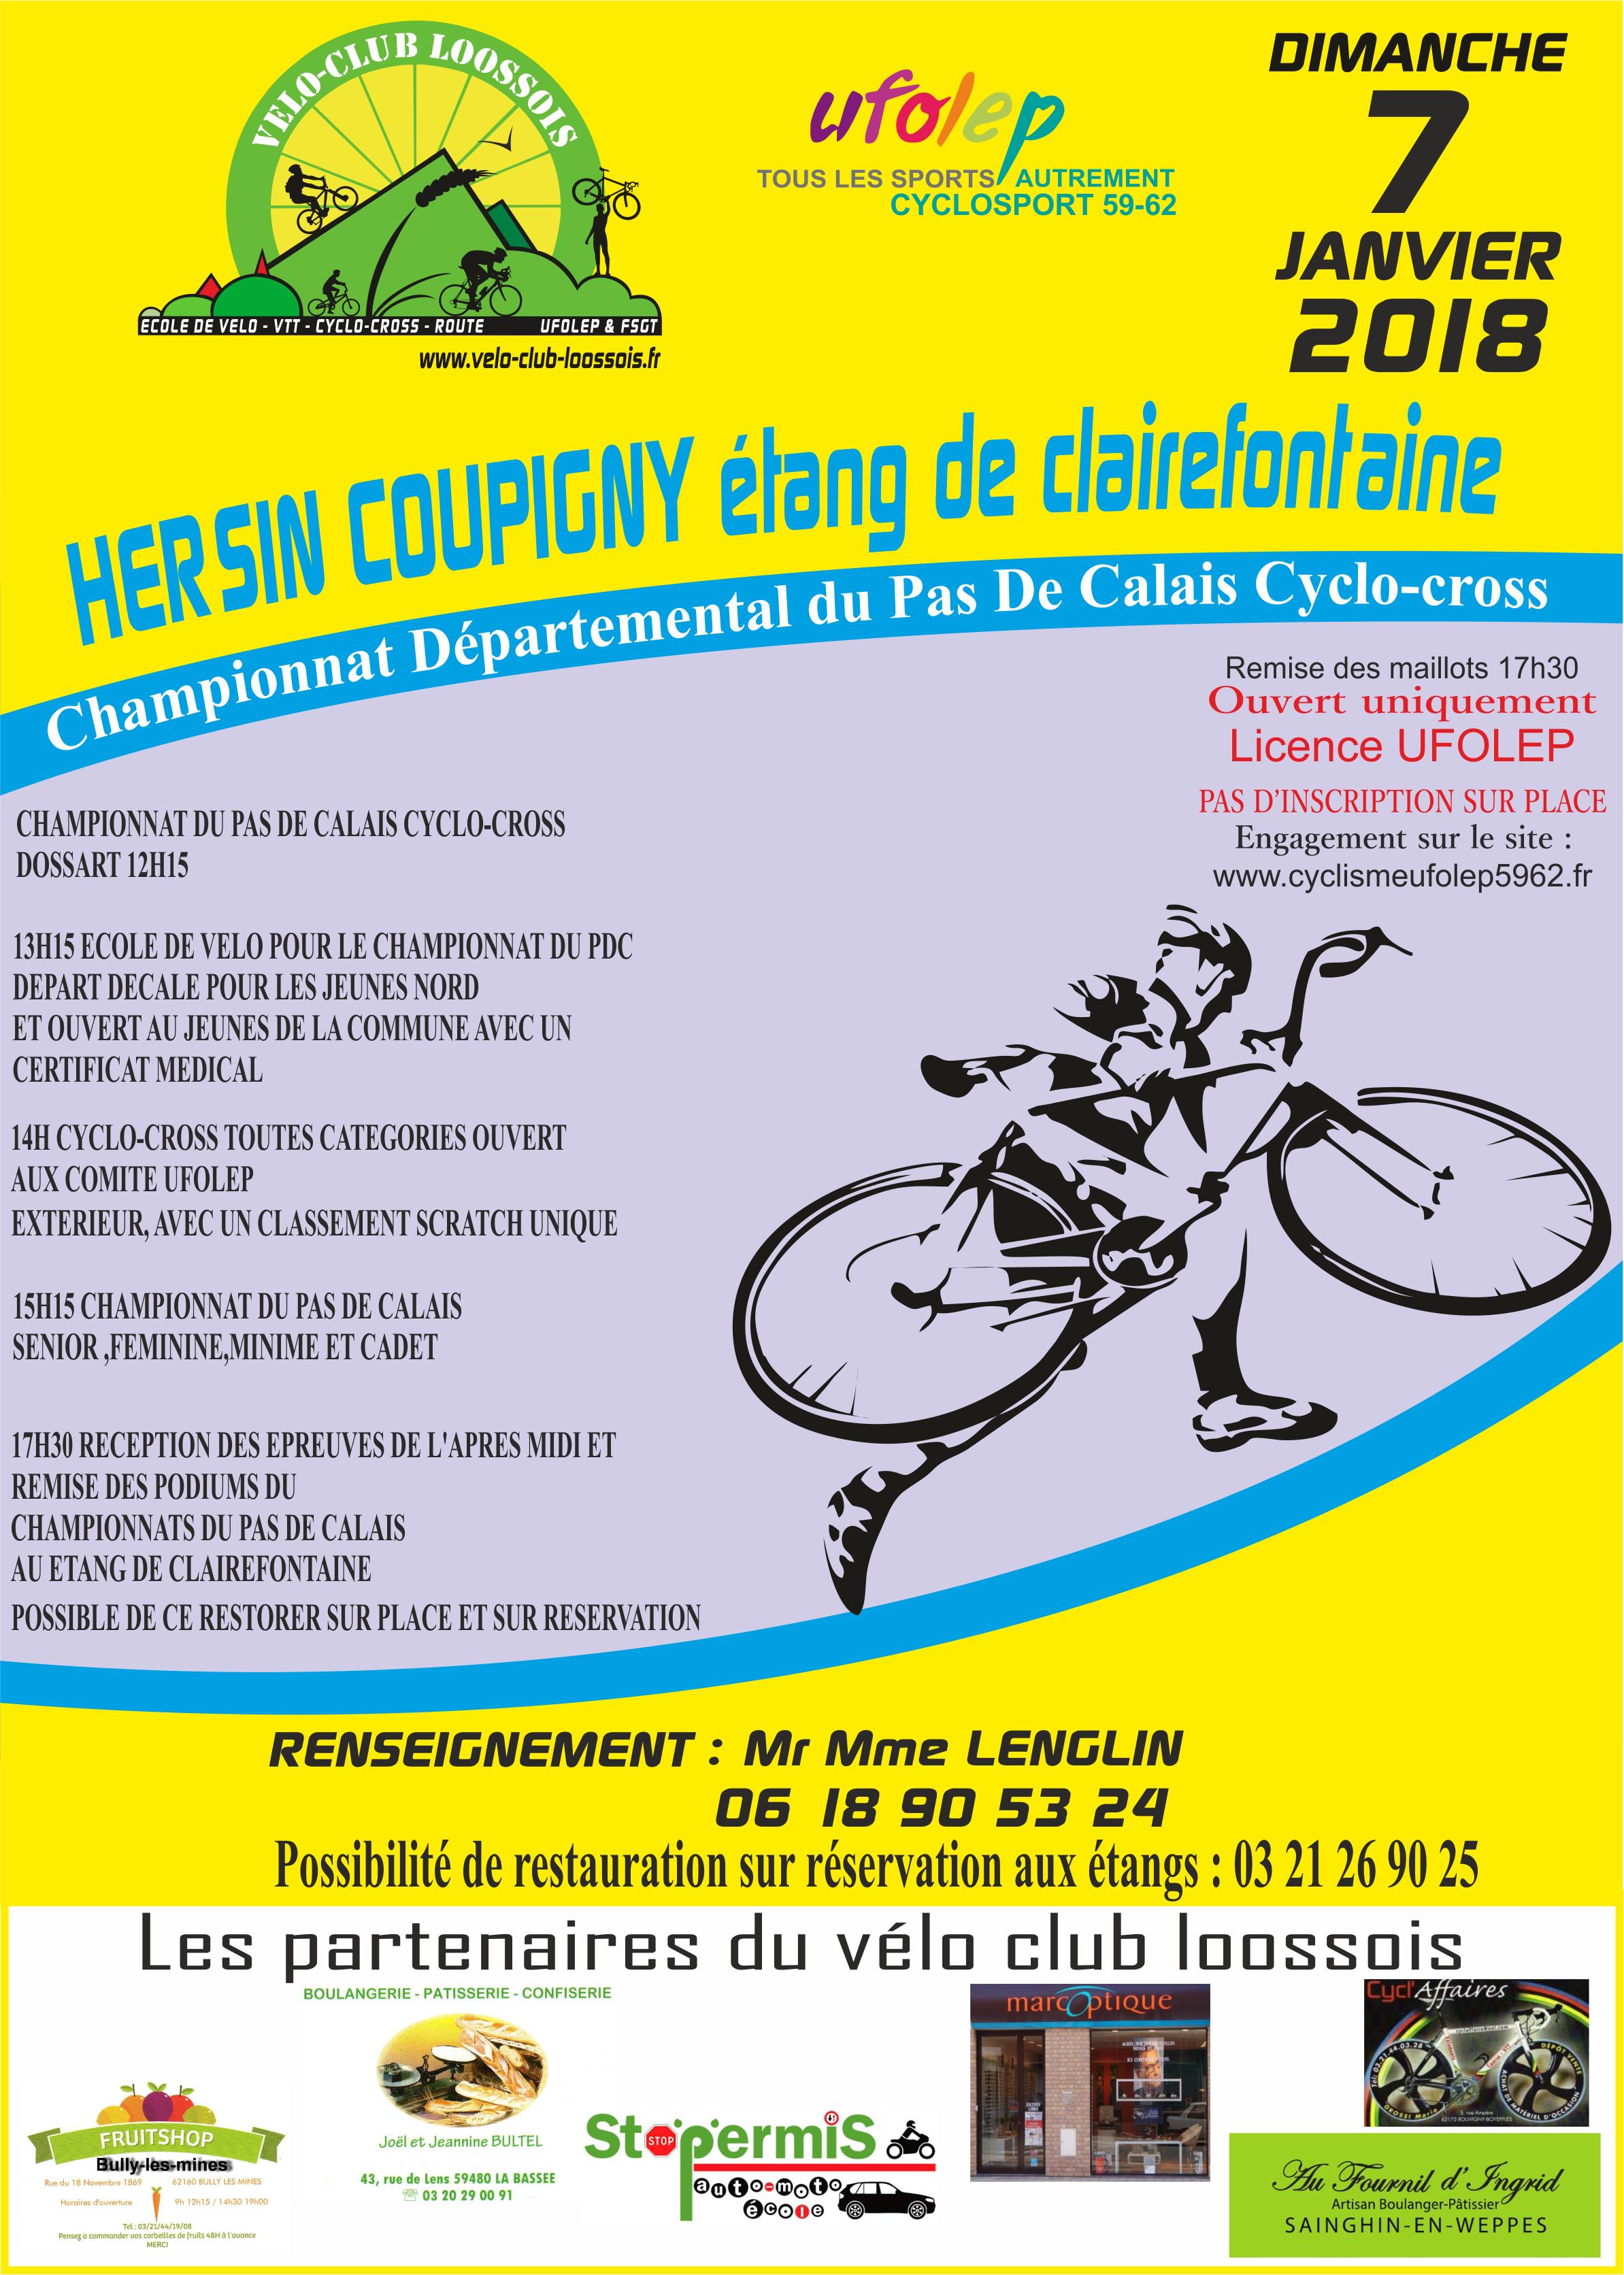 Championnat départemental de Cyclo-Cross et VTT à Étangs de la Claire Fontaine | Hersin-Coupigny | Hauts-de-France | France